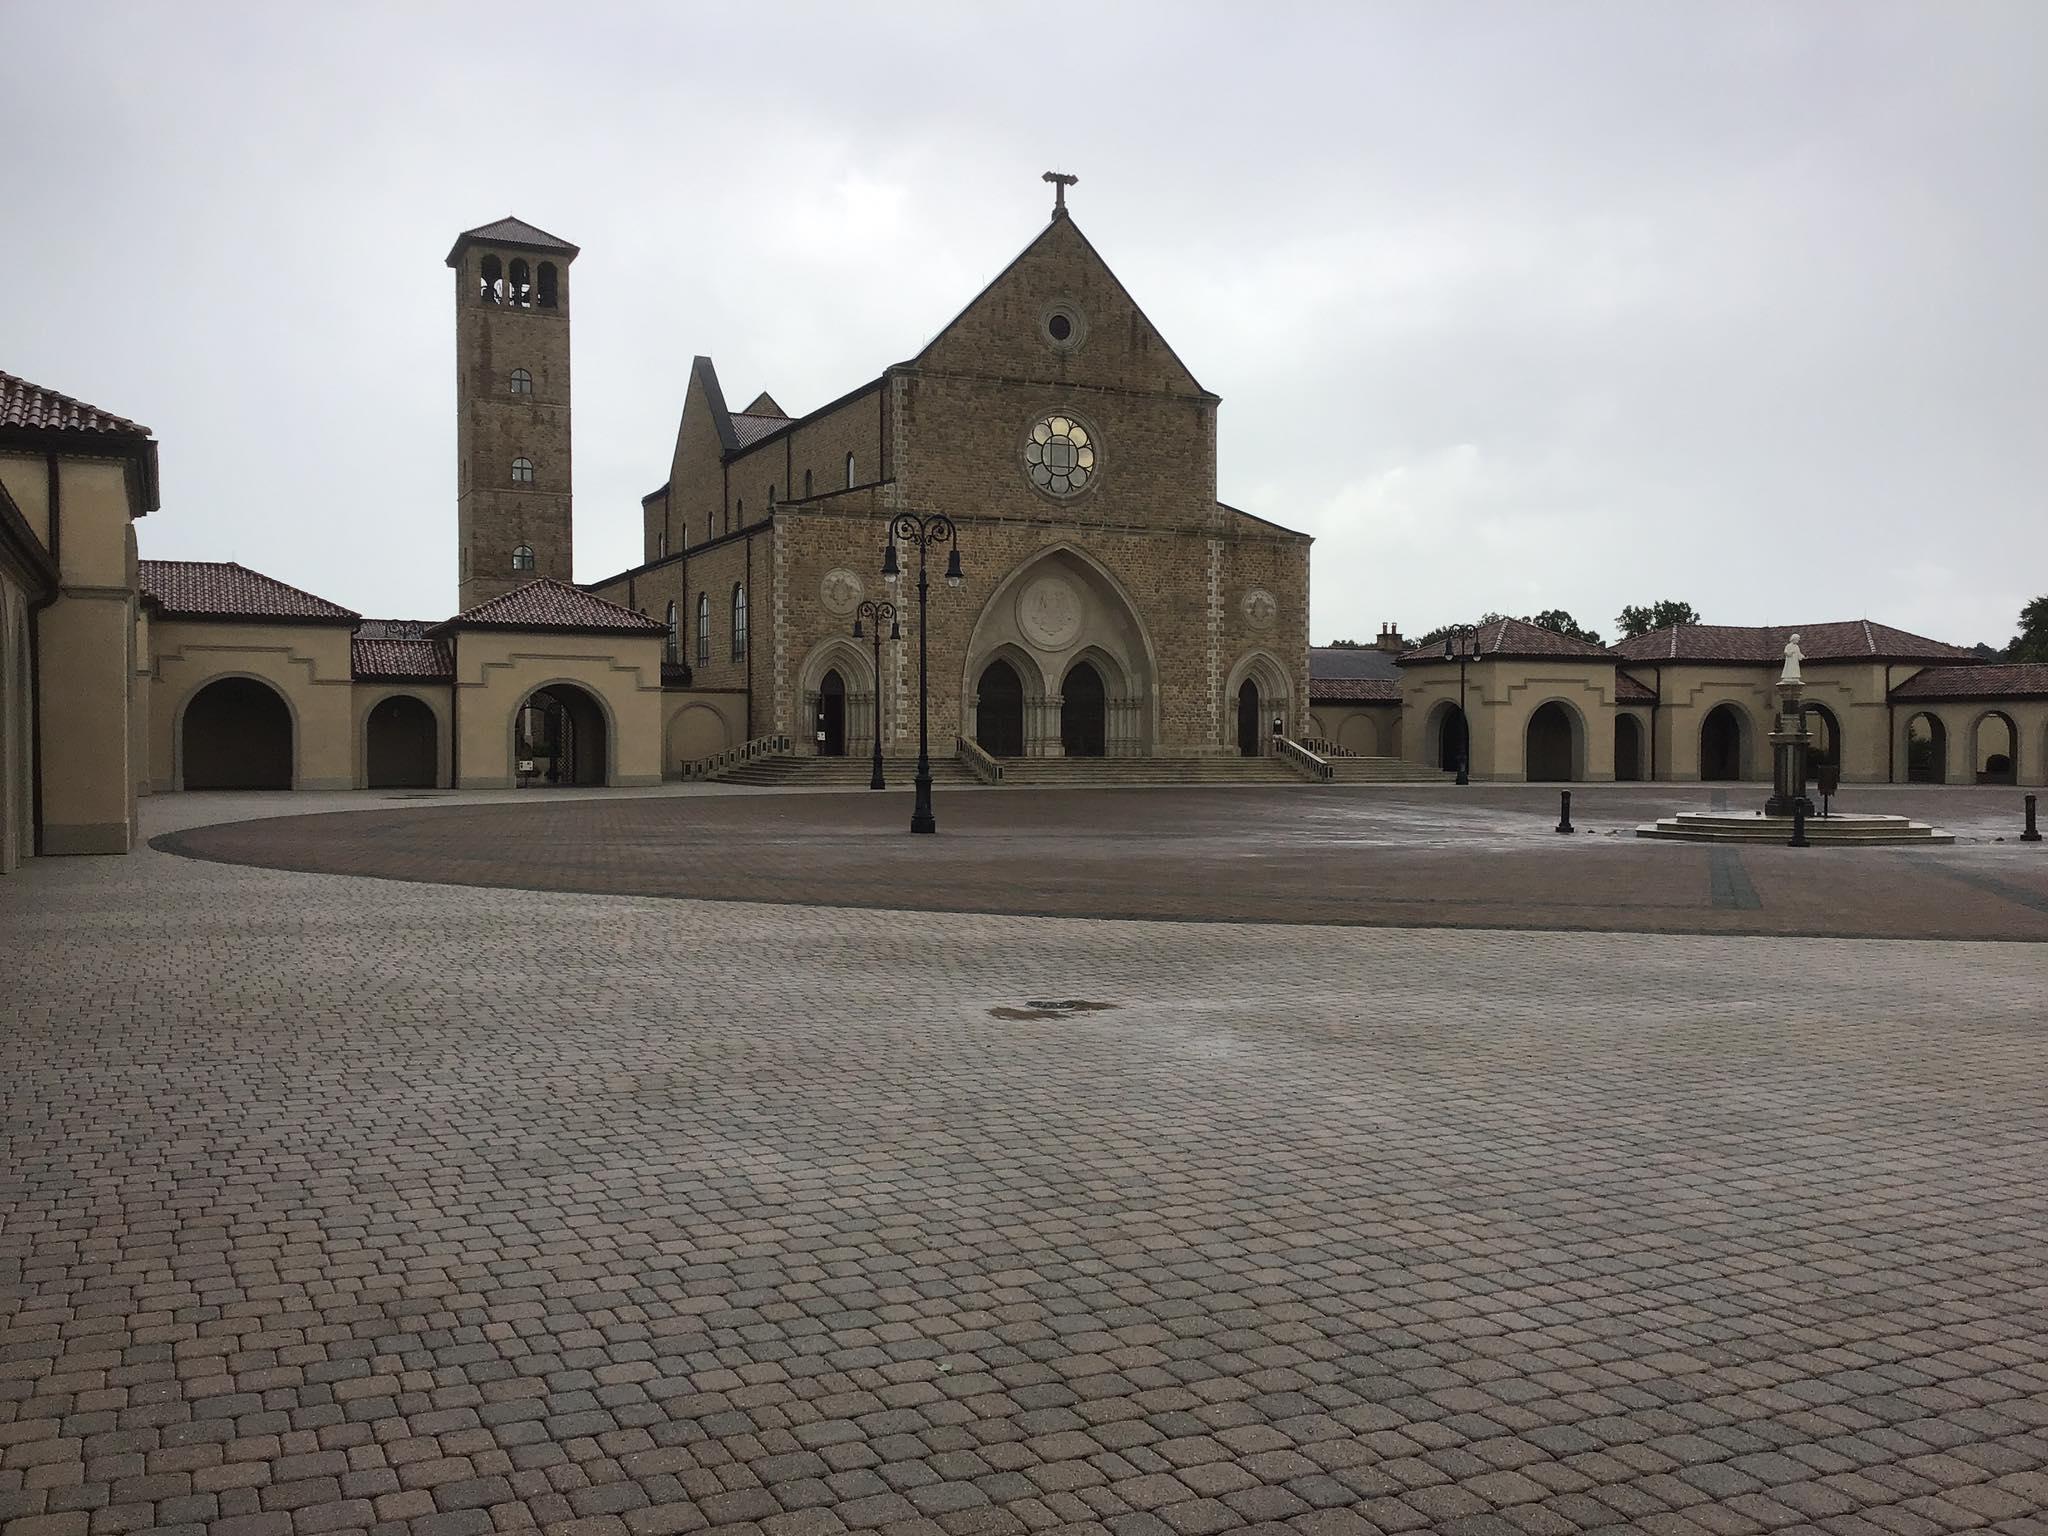 Shrine of the Mostt Blessed Sacrament